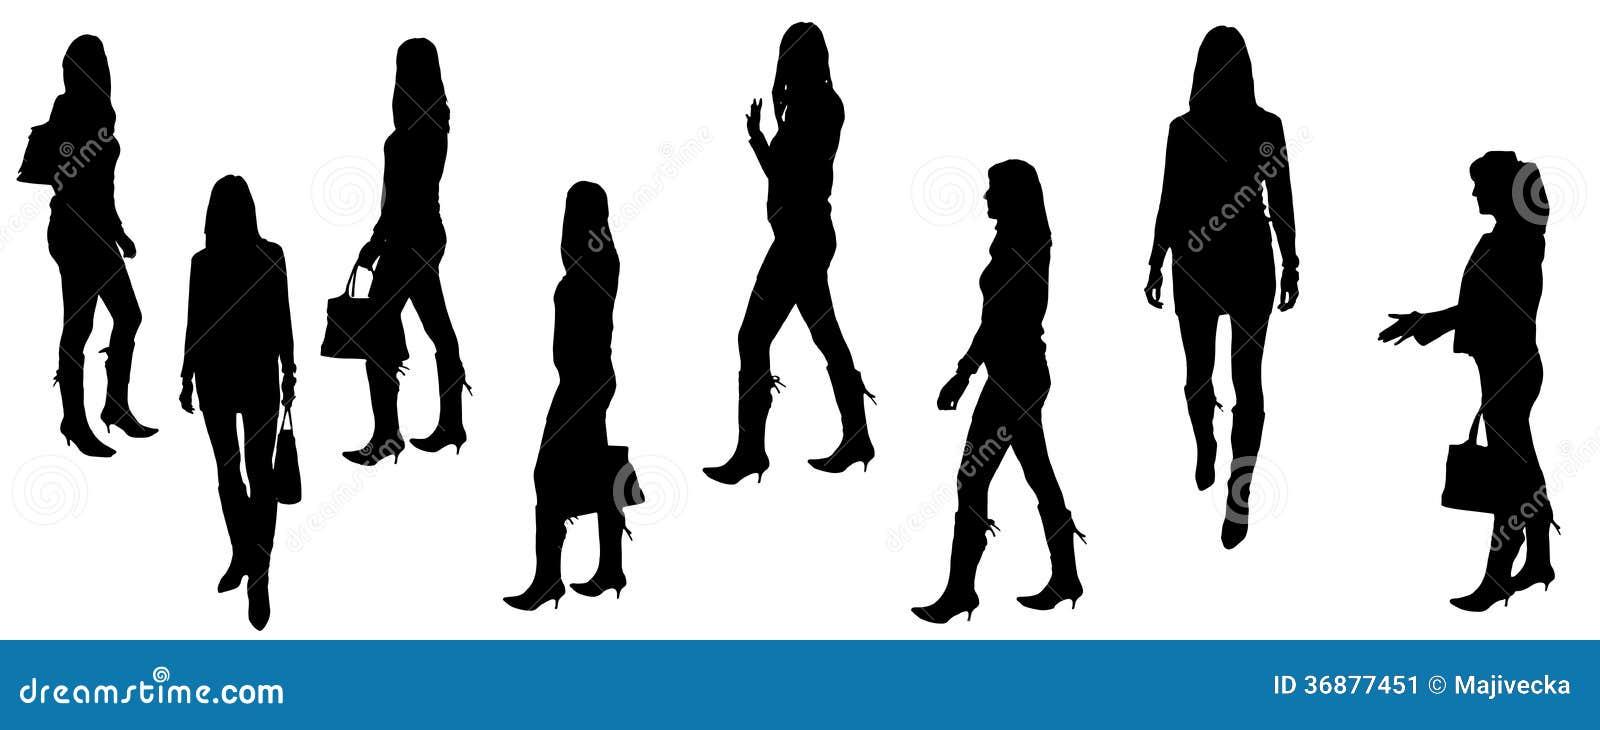 Download Siluette Di Vettore Delle Persone Di Affari Illustrazione Vettoriale - Illustrazione di riunione, moderno: 36877451